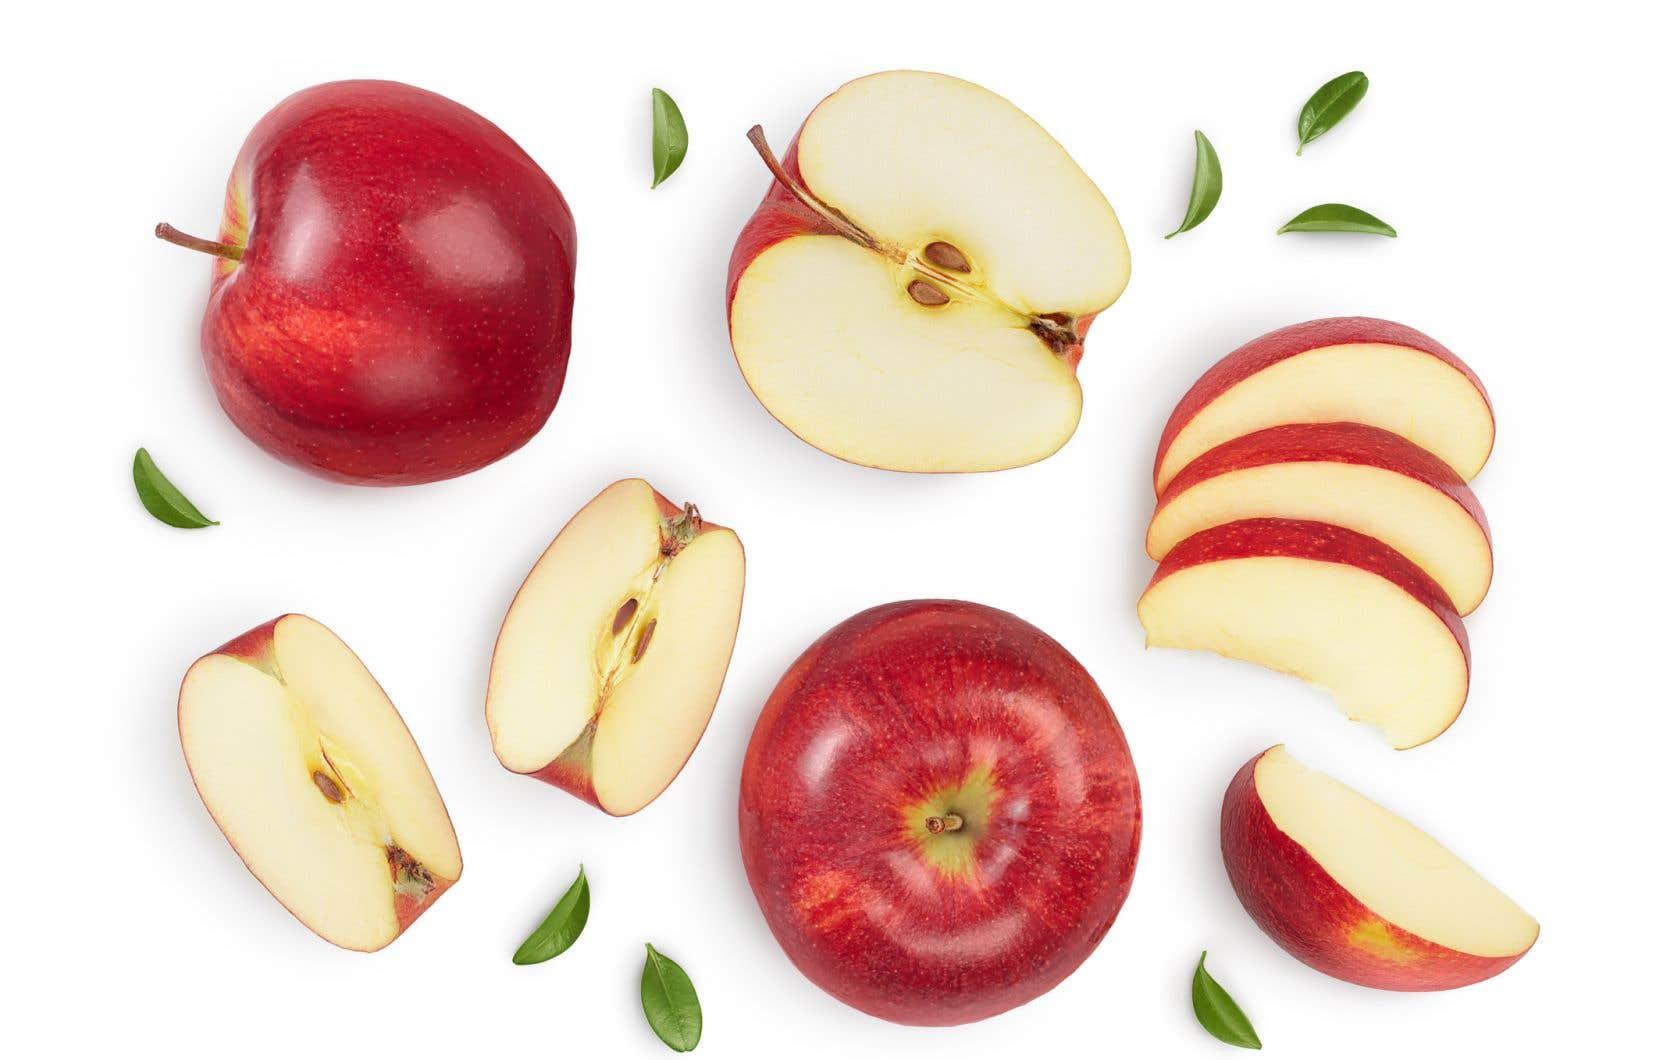 La pomme offre encore plus de possibilités que ce que nous pouvons imaginer.